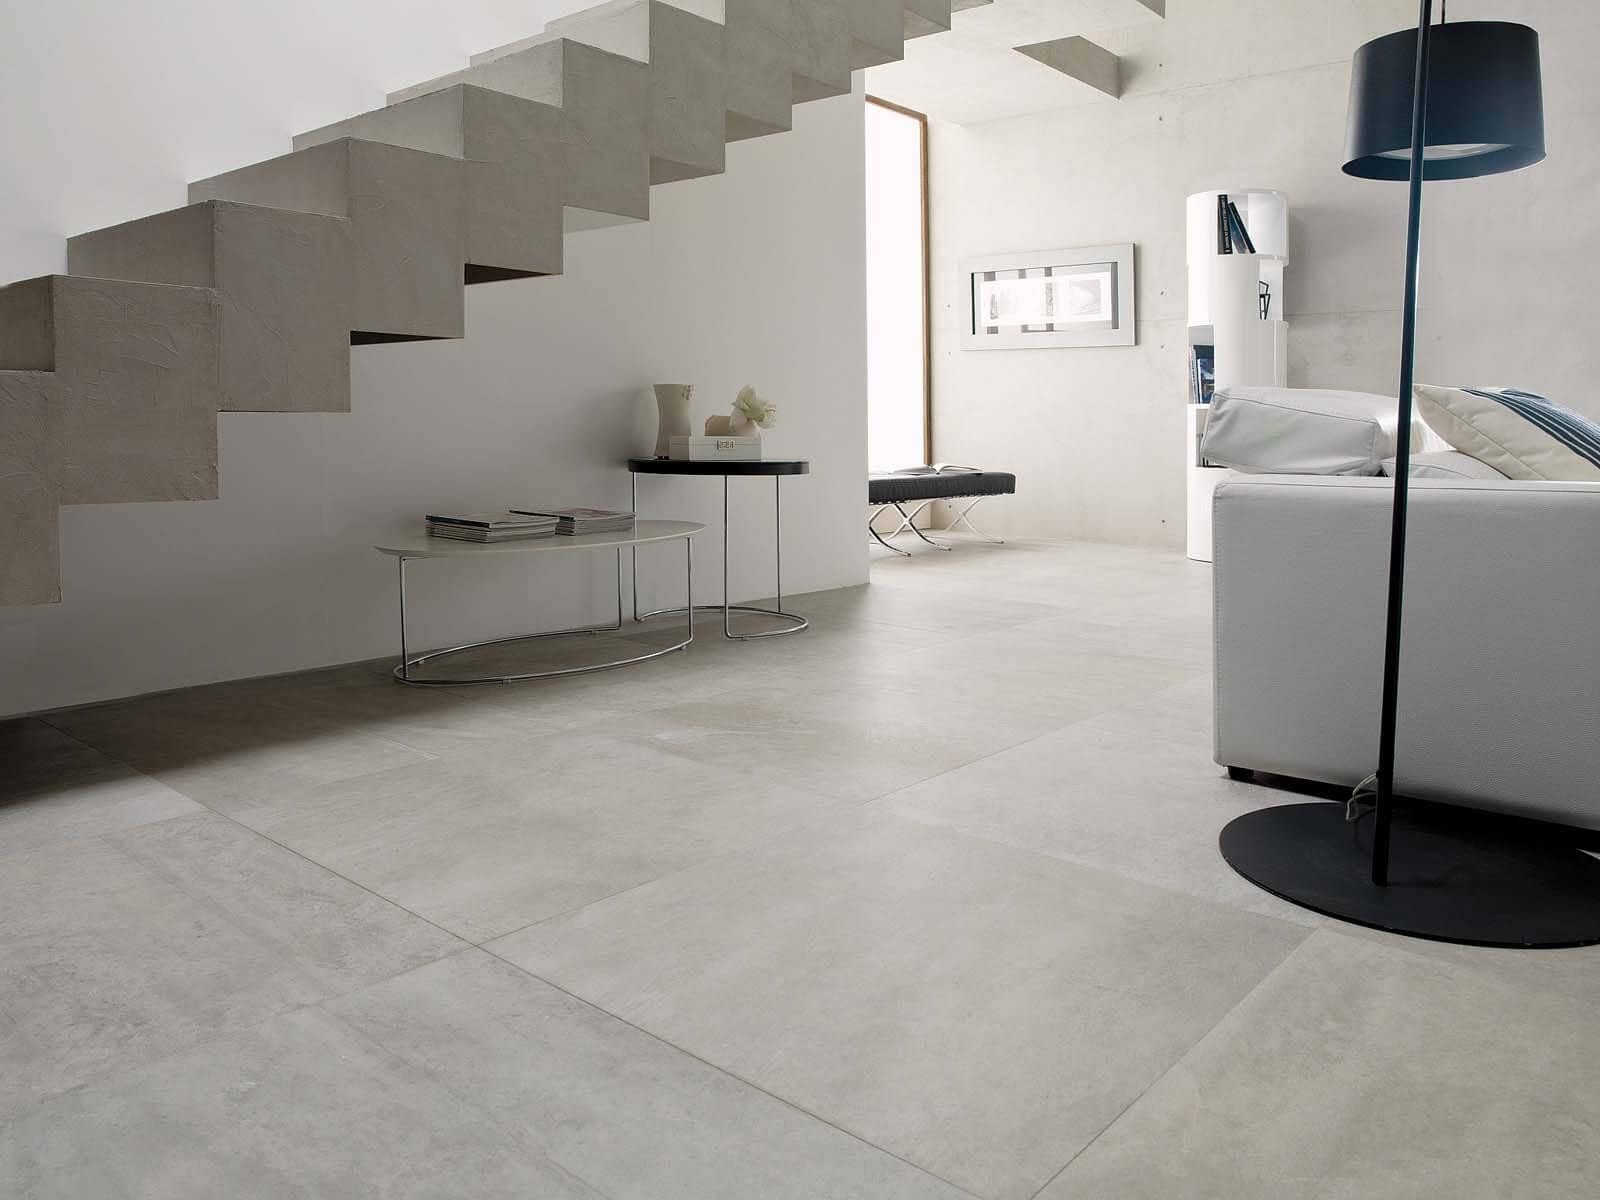 Natuurstenen vloer en wand eigen fabriek en showroom for Leroy merlin oficinas centrales